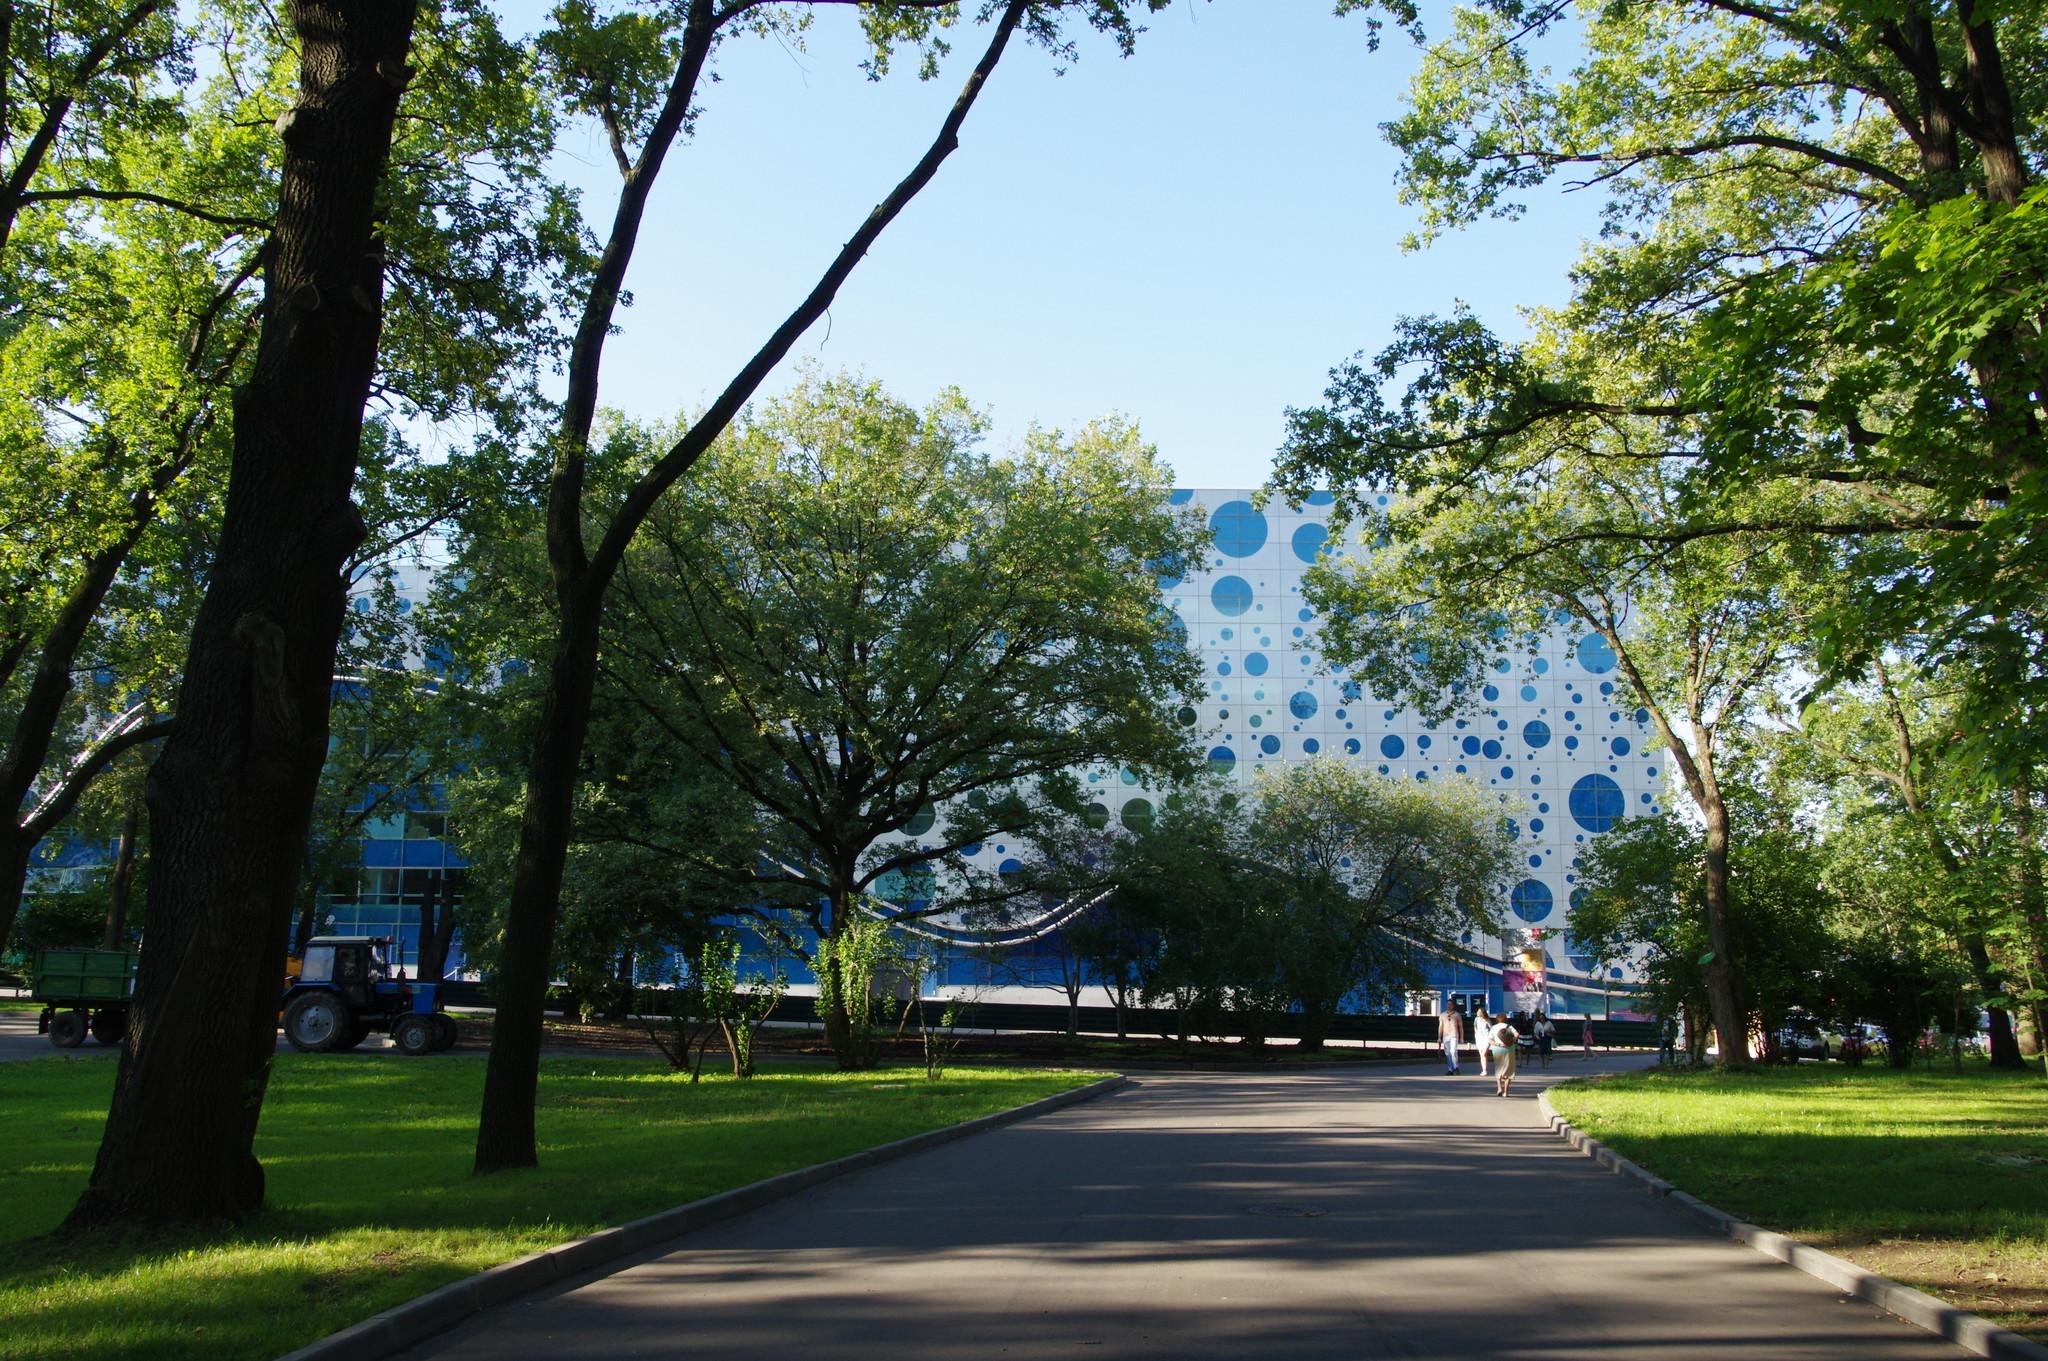 Центр Океанографии и Морской Биологии «Москвариум» на ВДНХ (Павильон № 23.